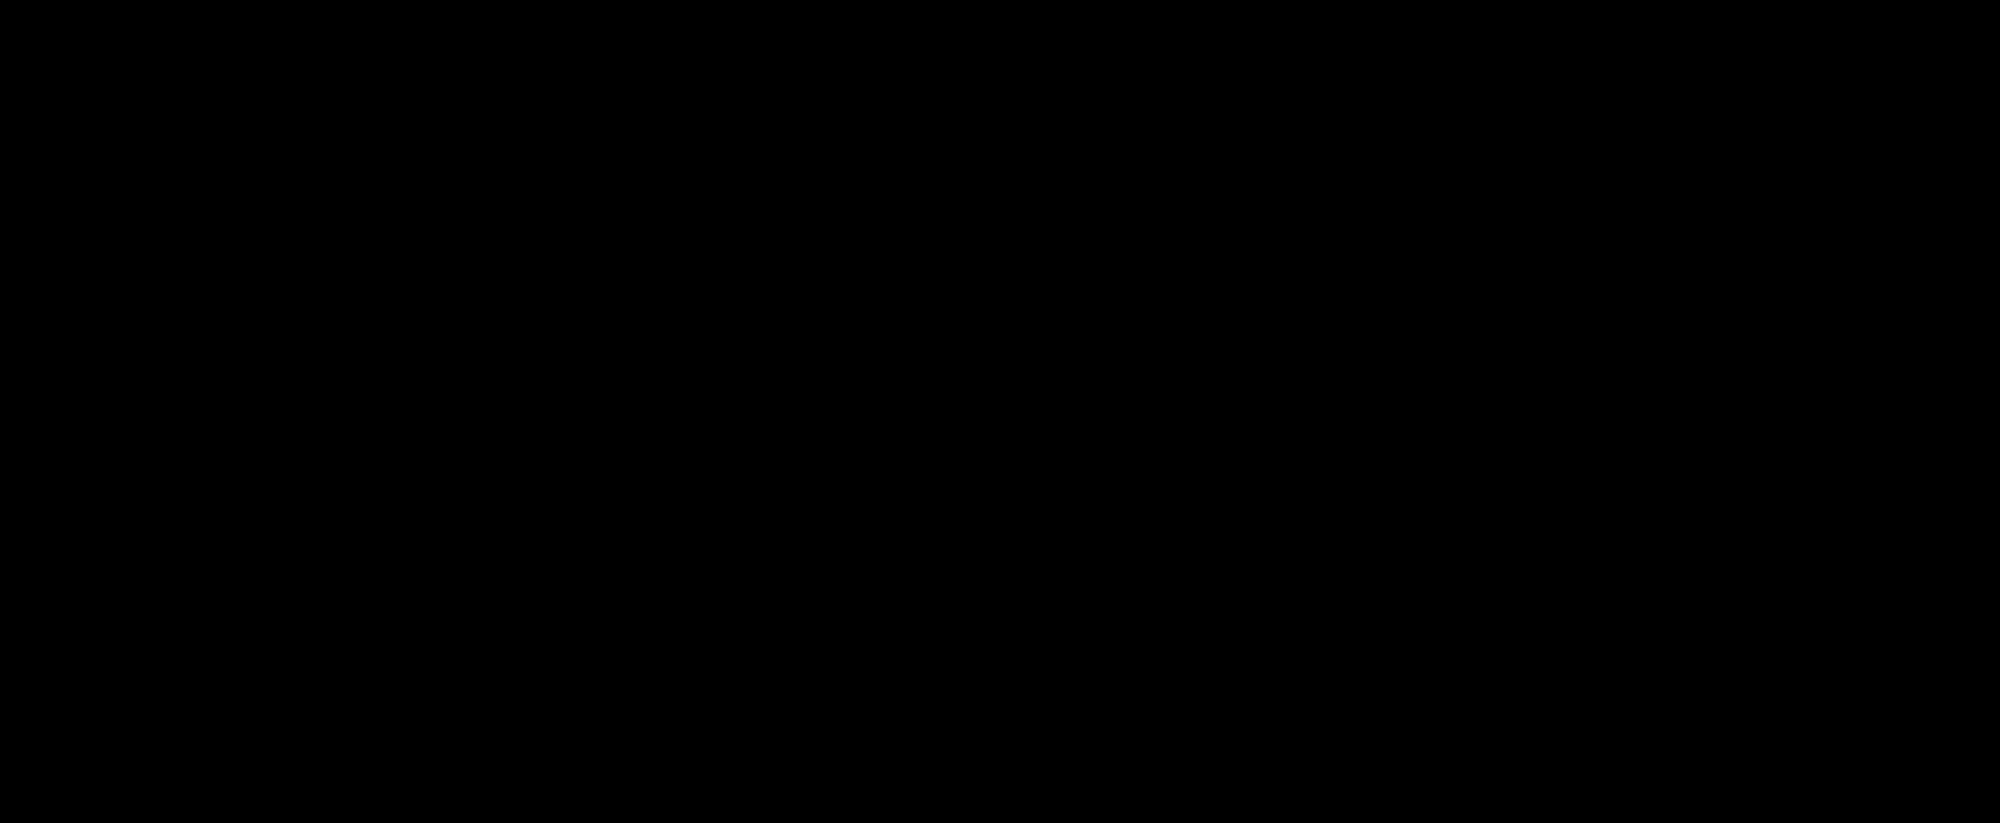 10 Scuba Diver Silhouette (PNG Transparent).